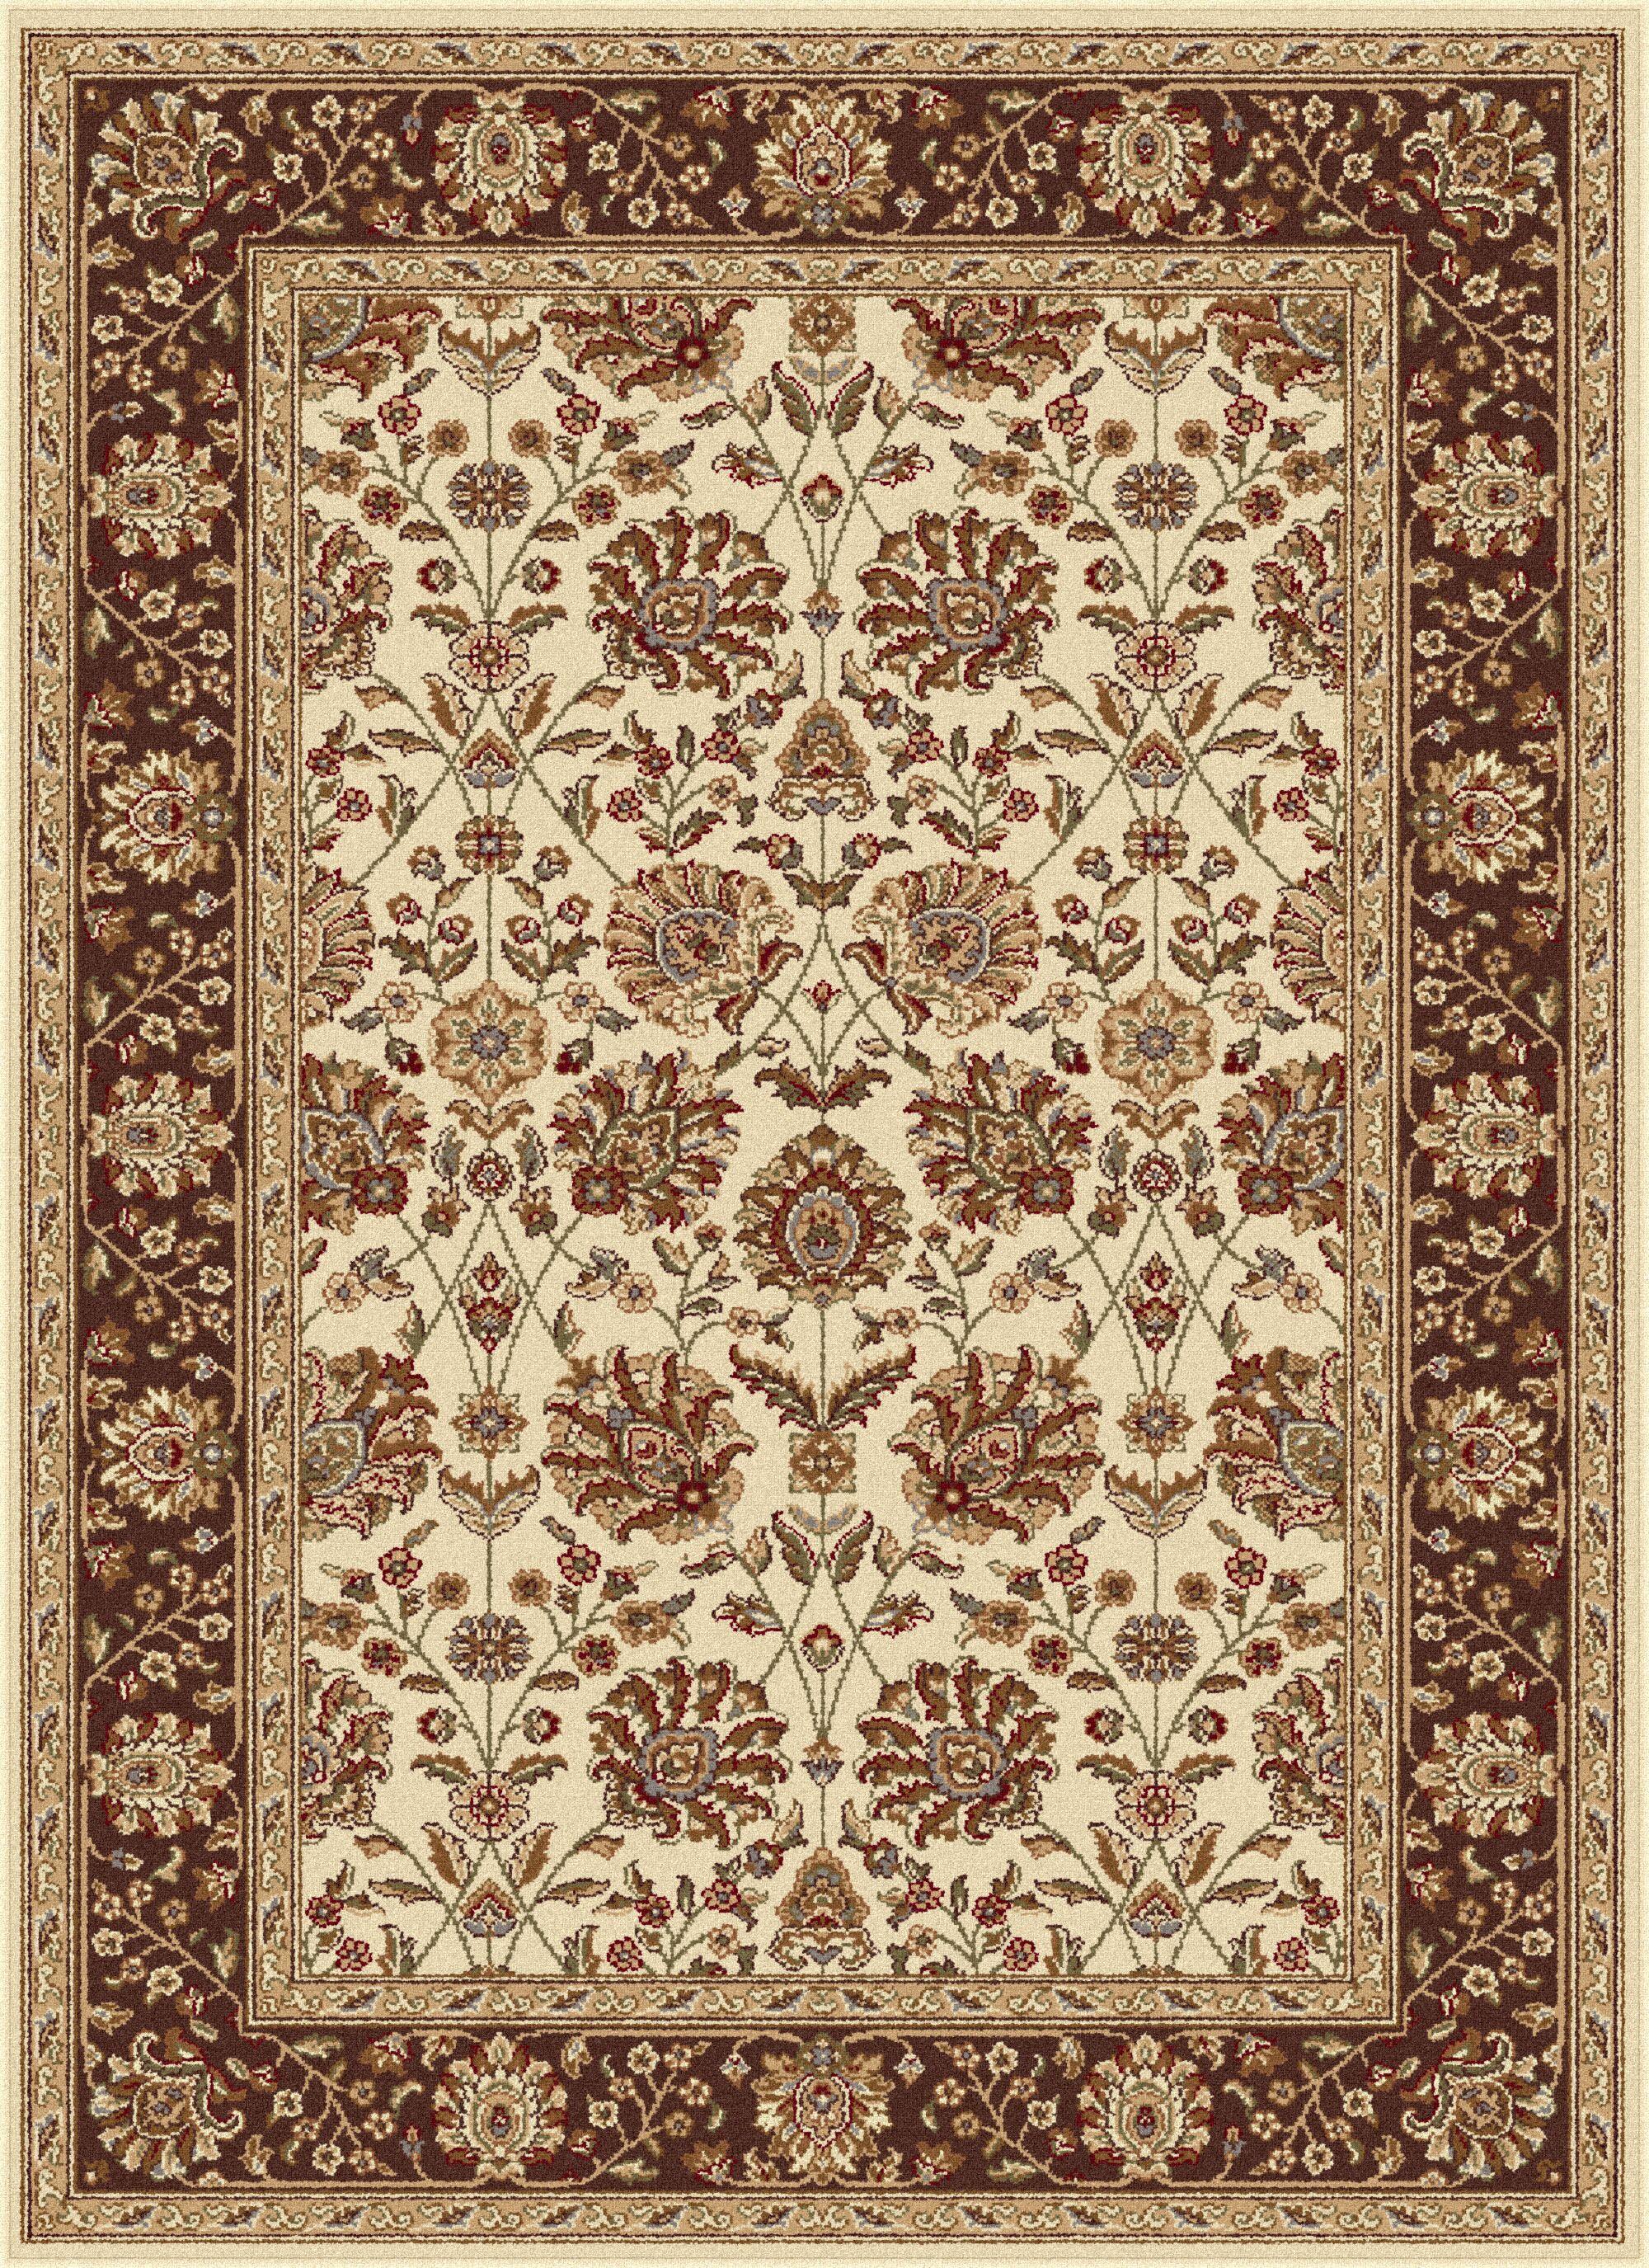 Larabee Beige Floral Area Rug Rug Size: 7'6'' x 9'10''